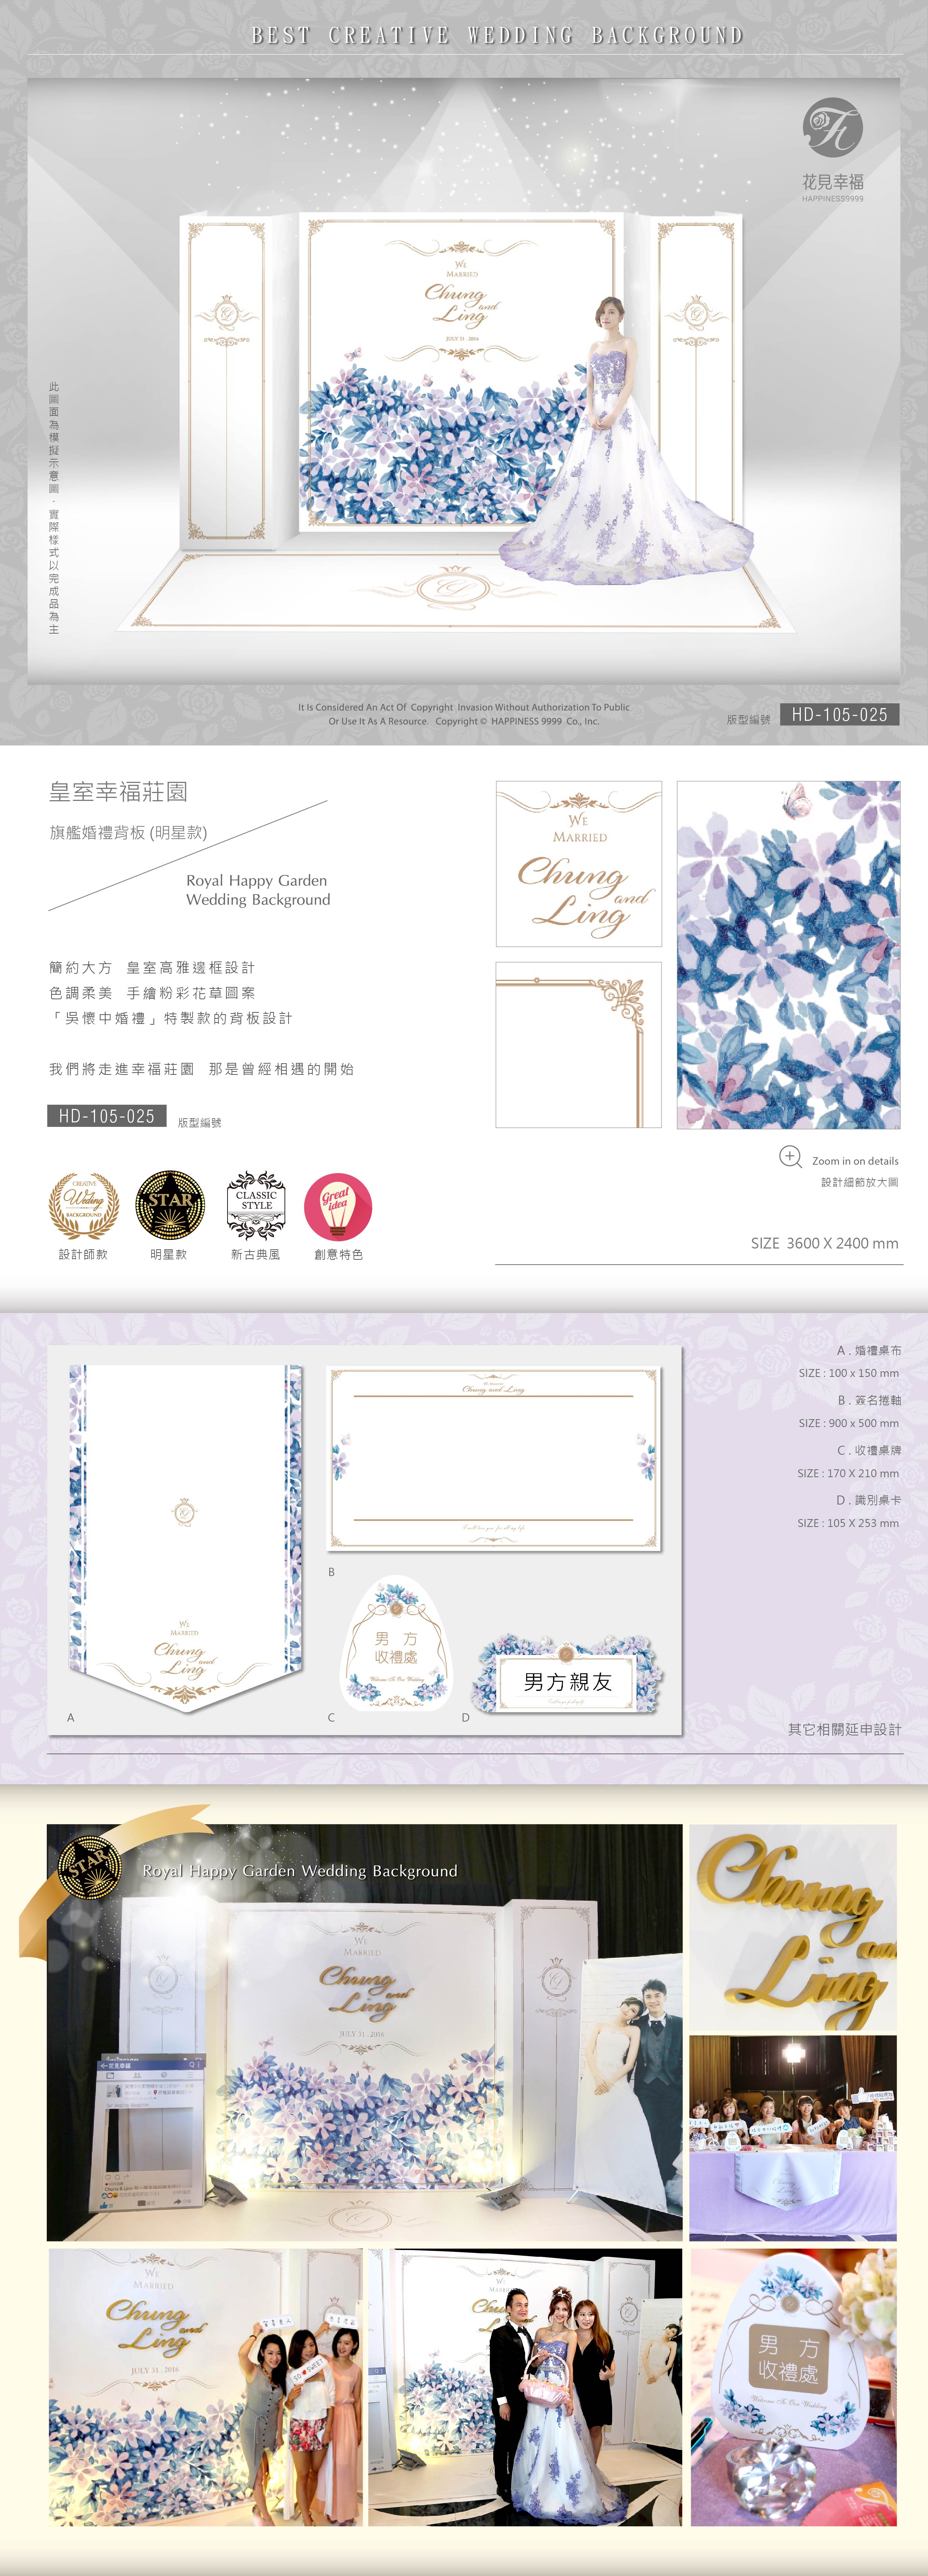 婚宴背板明星款(HD-105-014)